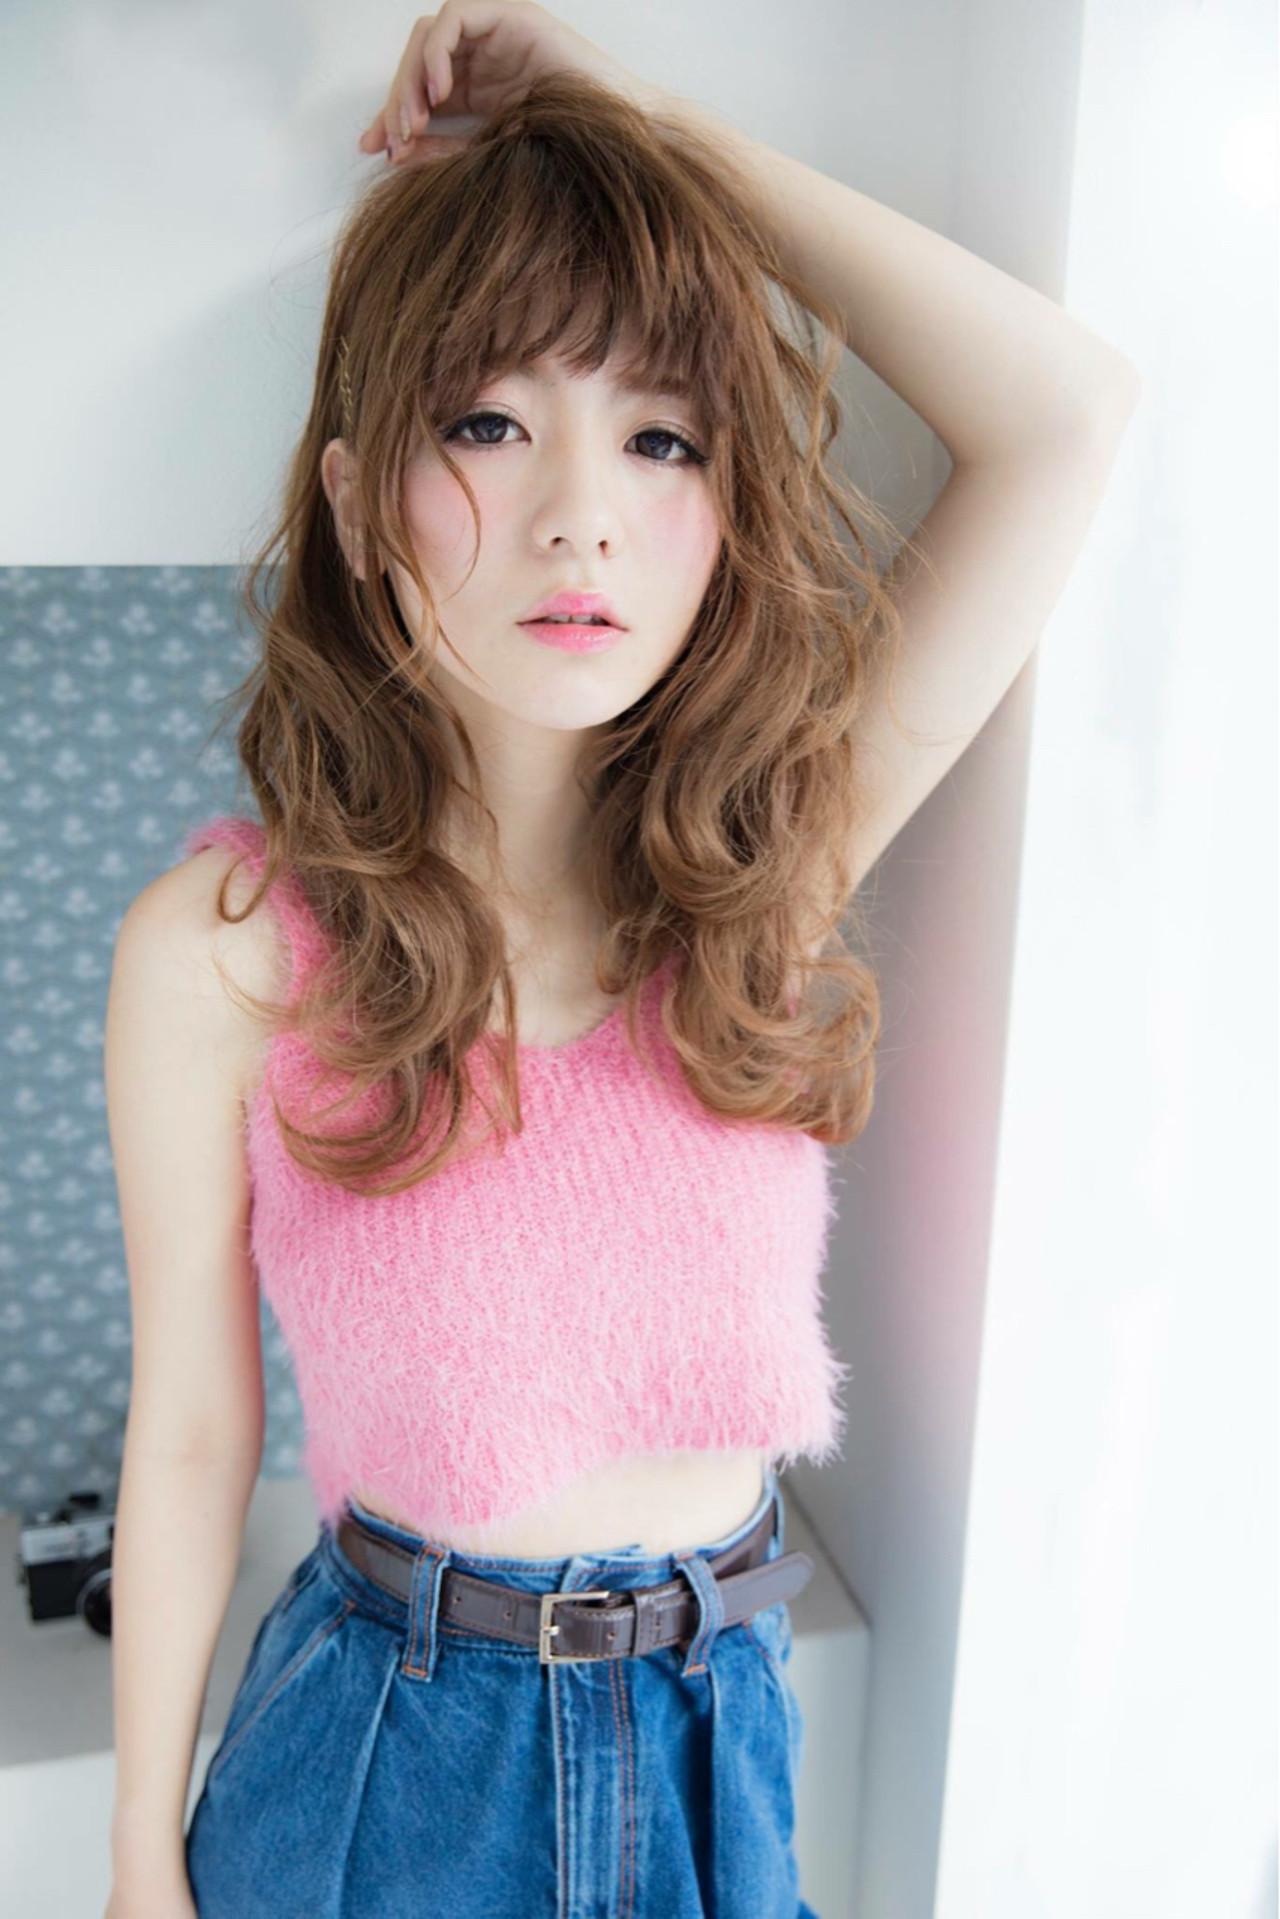 トレンドファッションとヘアカラーを徹底調査!今シーズンの流行色はリッチなピンクで決まり。 大塚 真理子